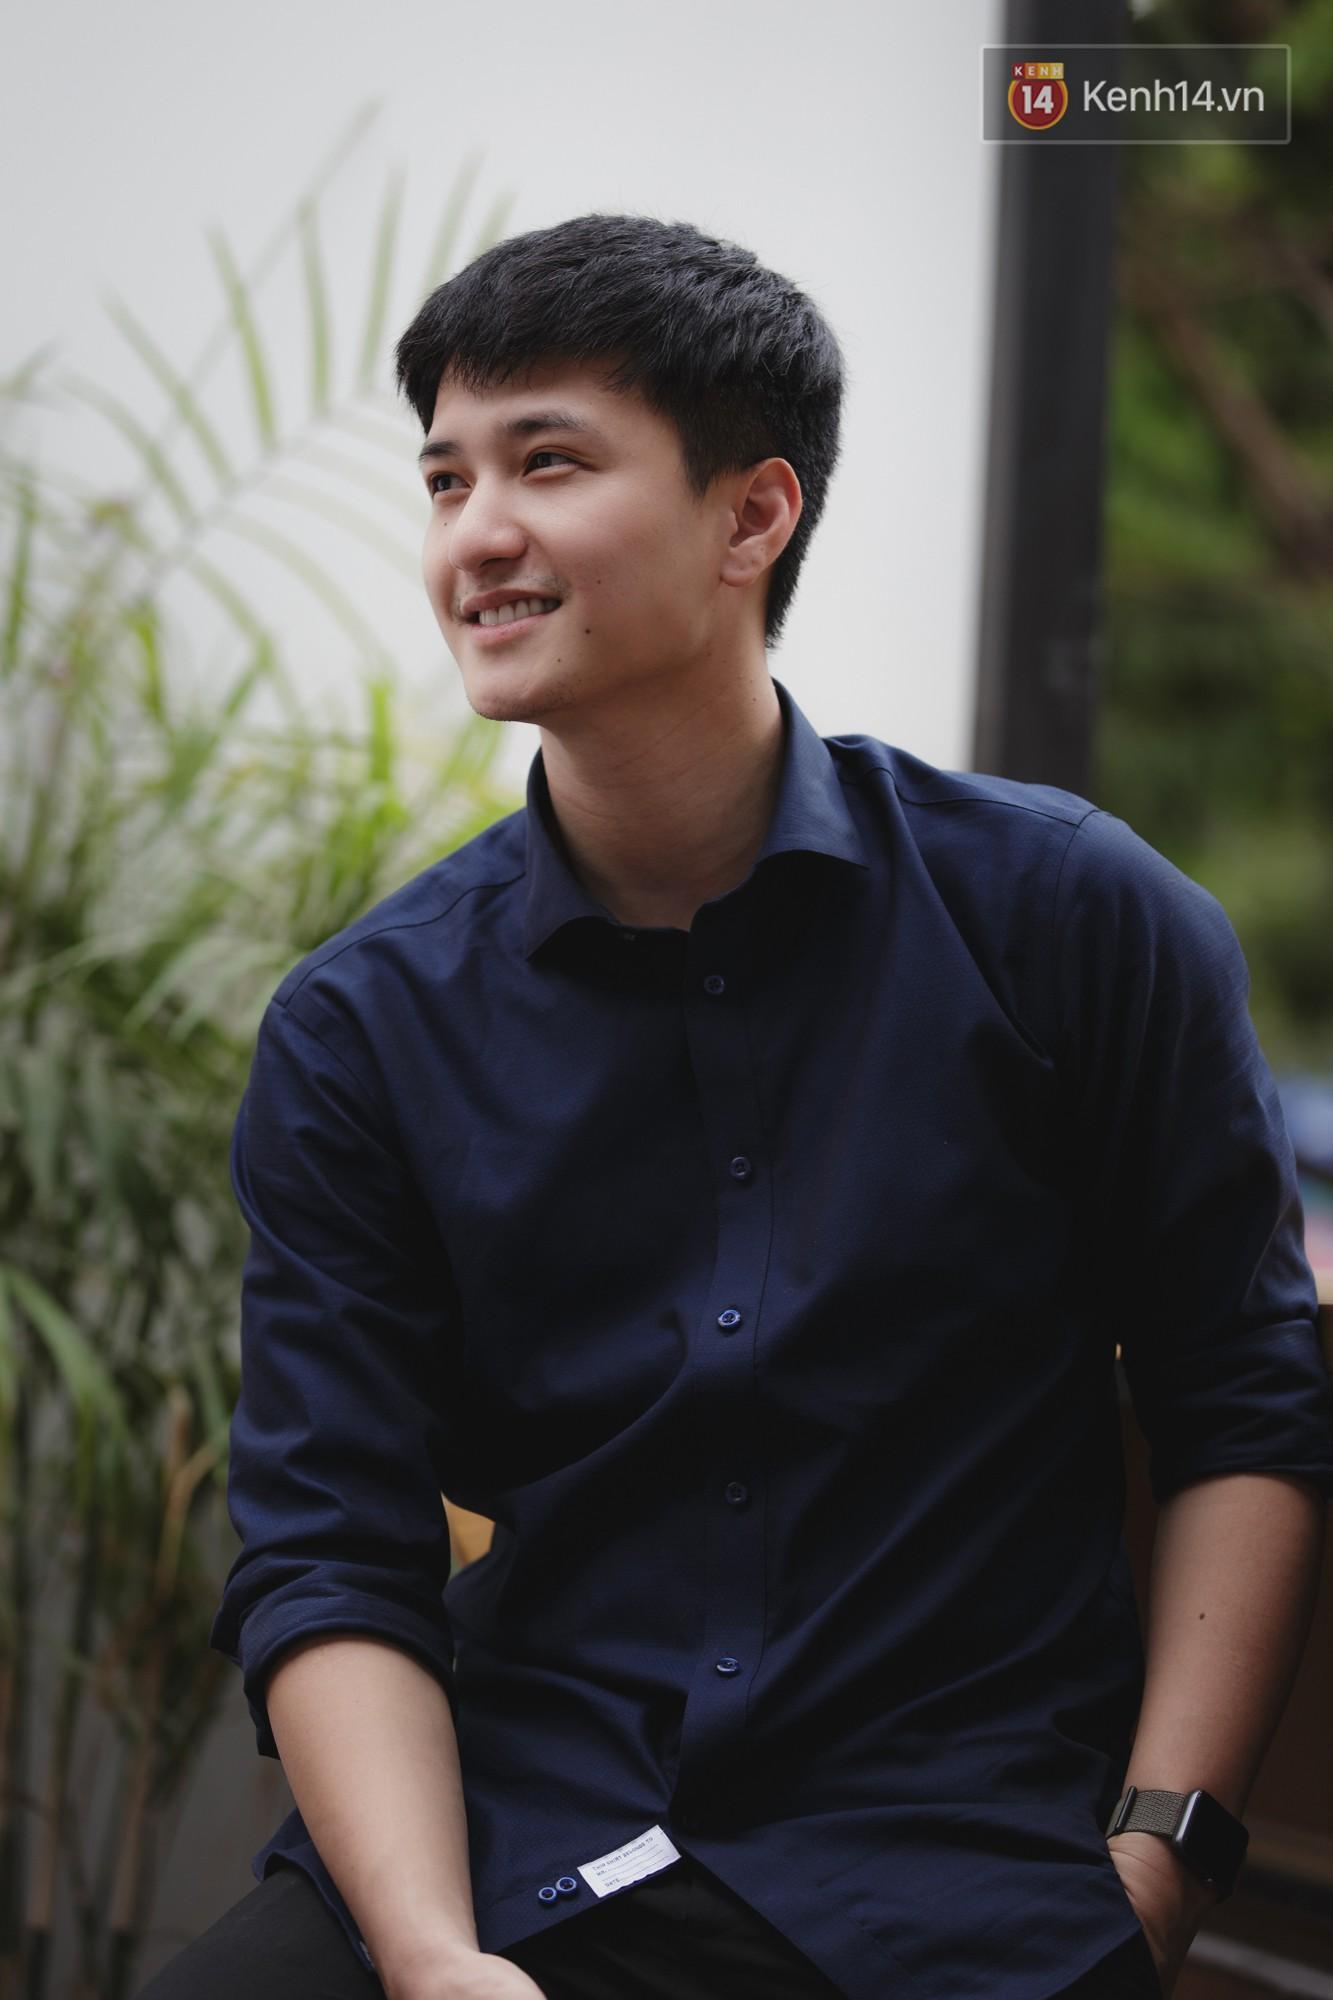 Huỳnh Anh kể chuyện Chạy Trốn Thanh Xuân: Phi không chết vì An, không yêu An thì yêu ai! - Ảnh 14.